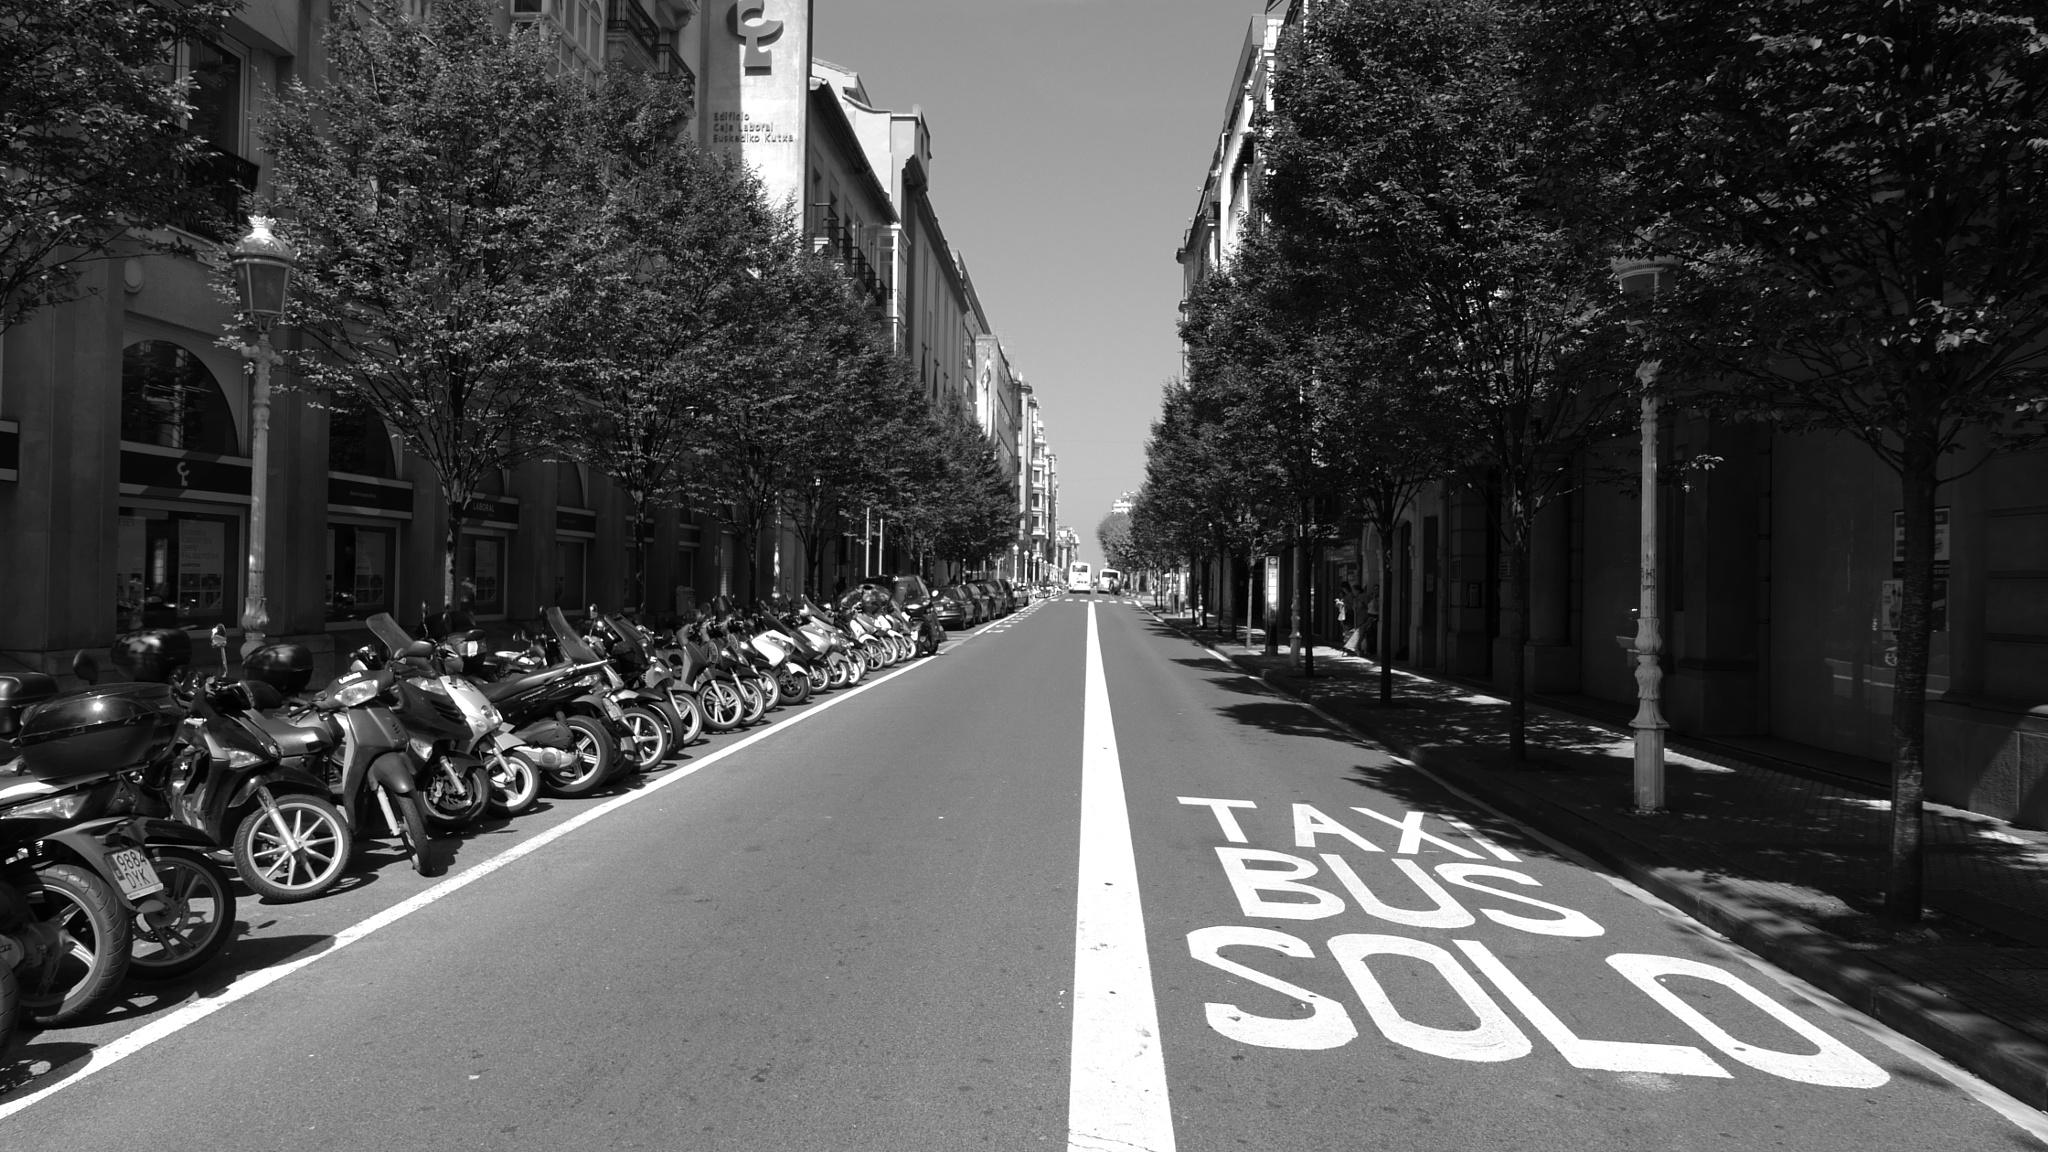 Bus Lane, San Sebastián  by tony cullen